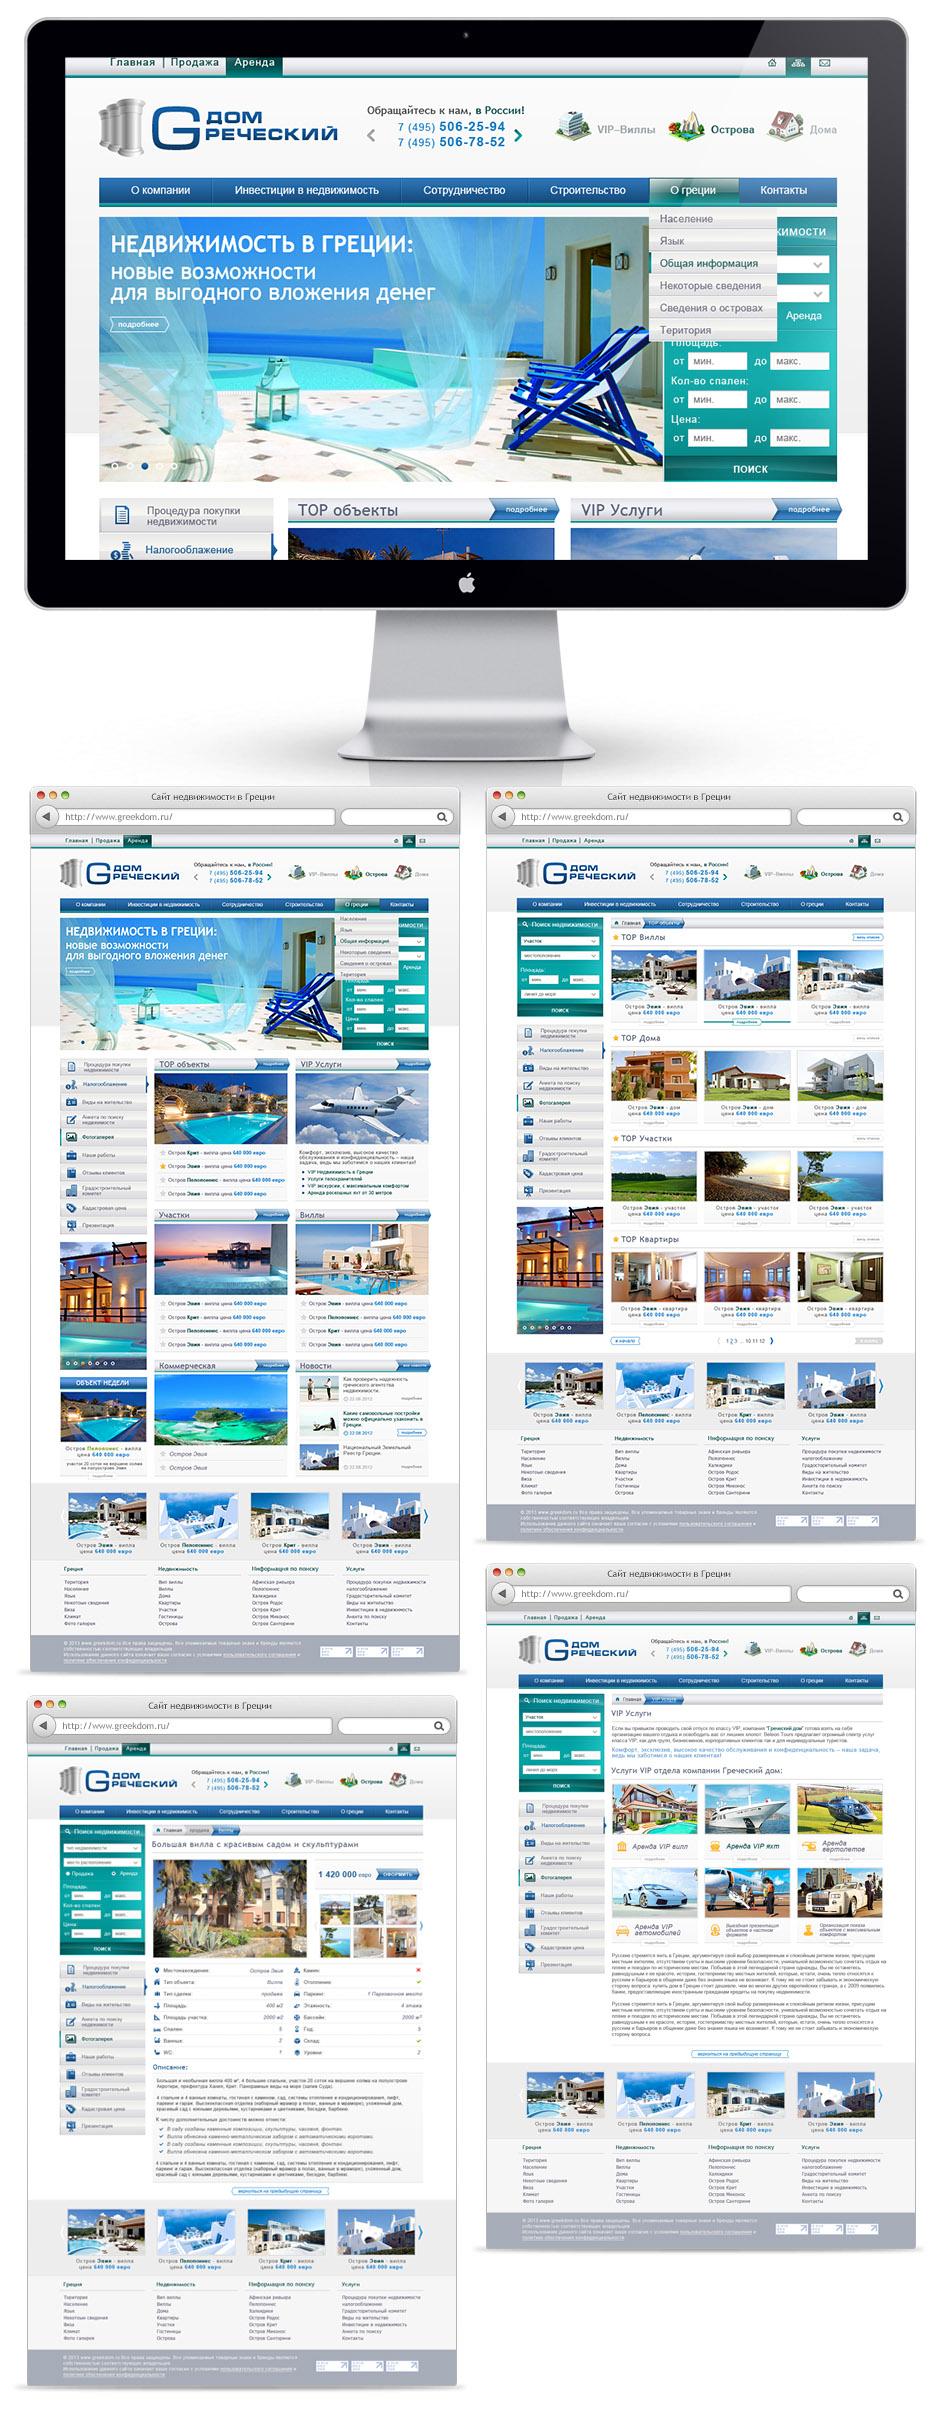 Разработка сайта по продаже недвижимости